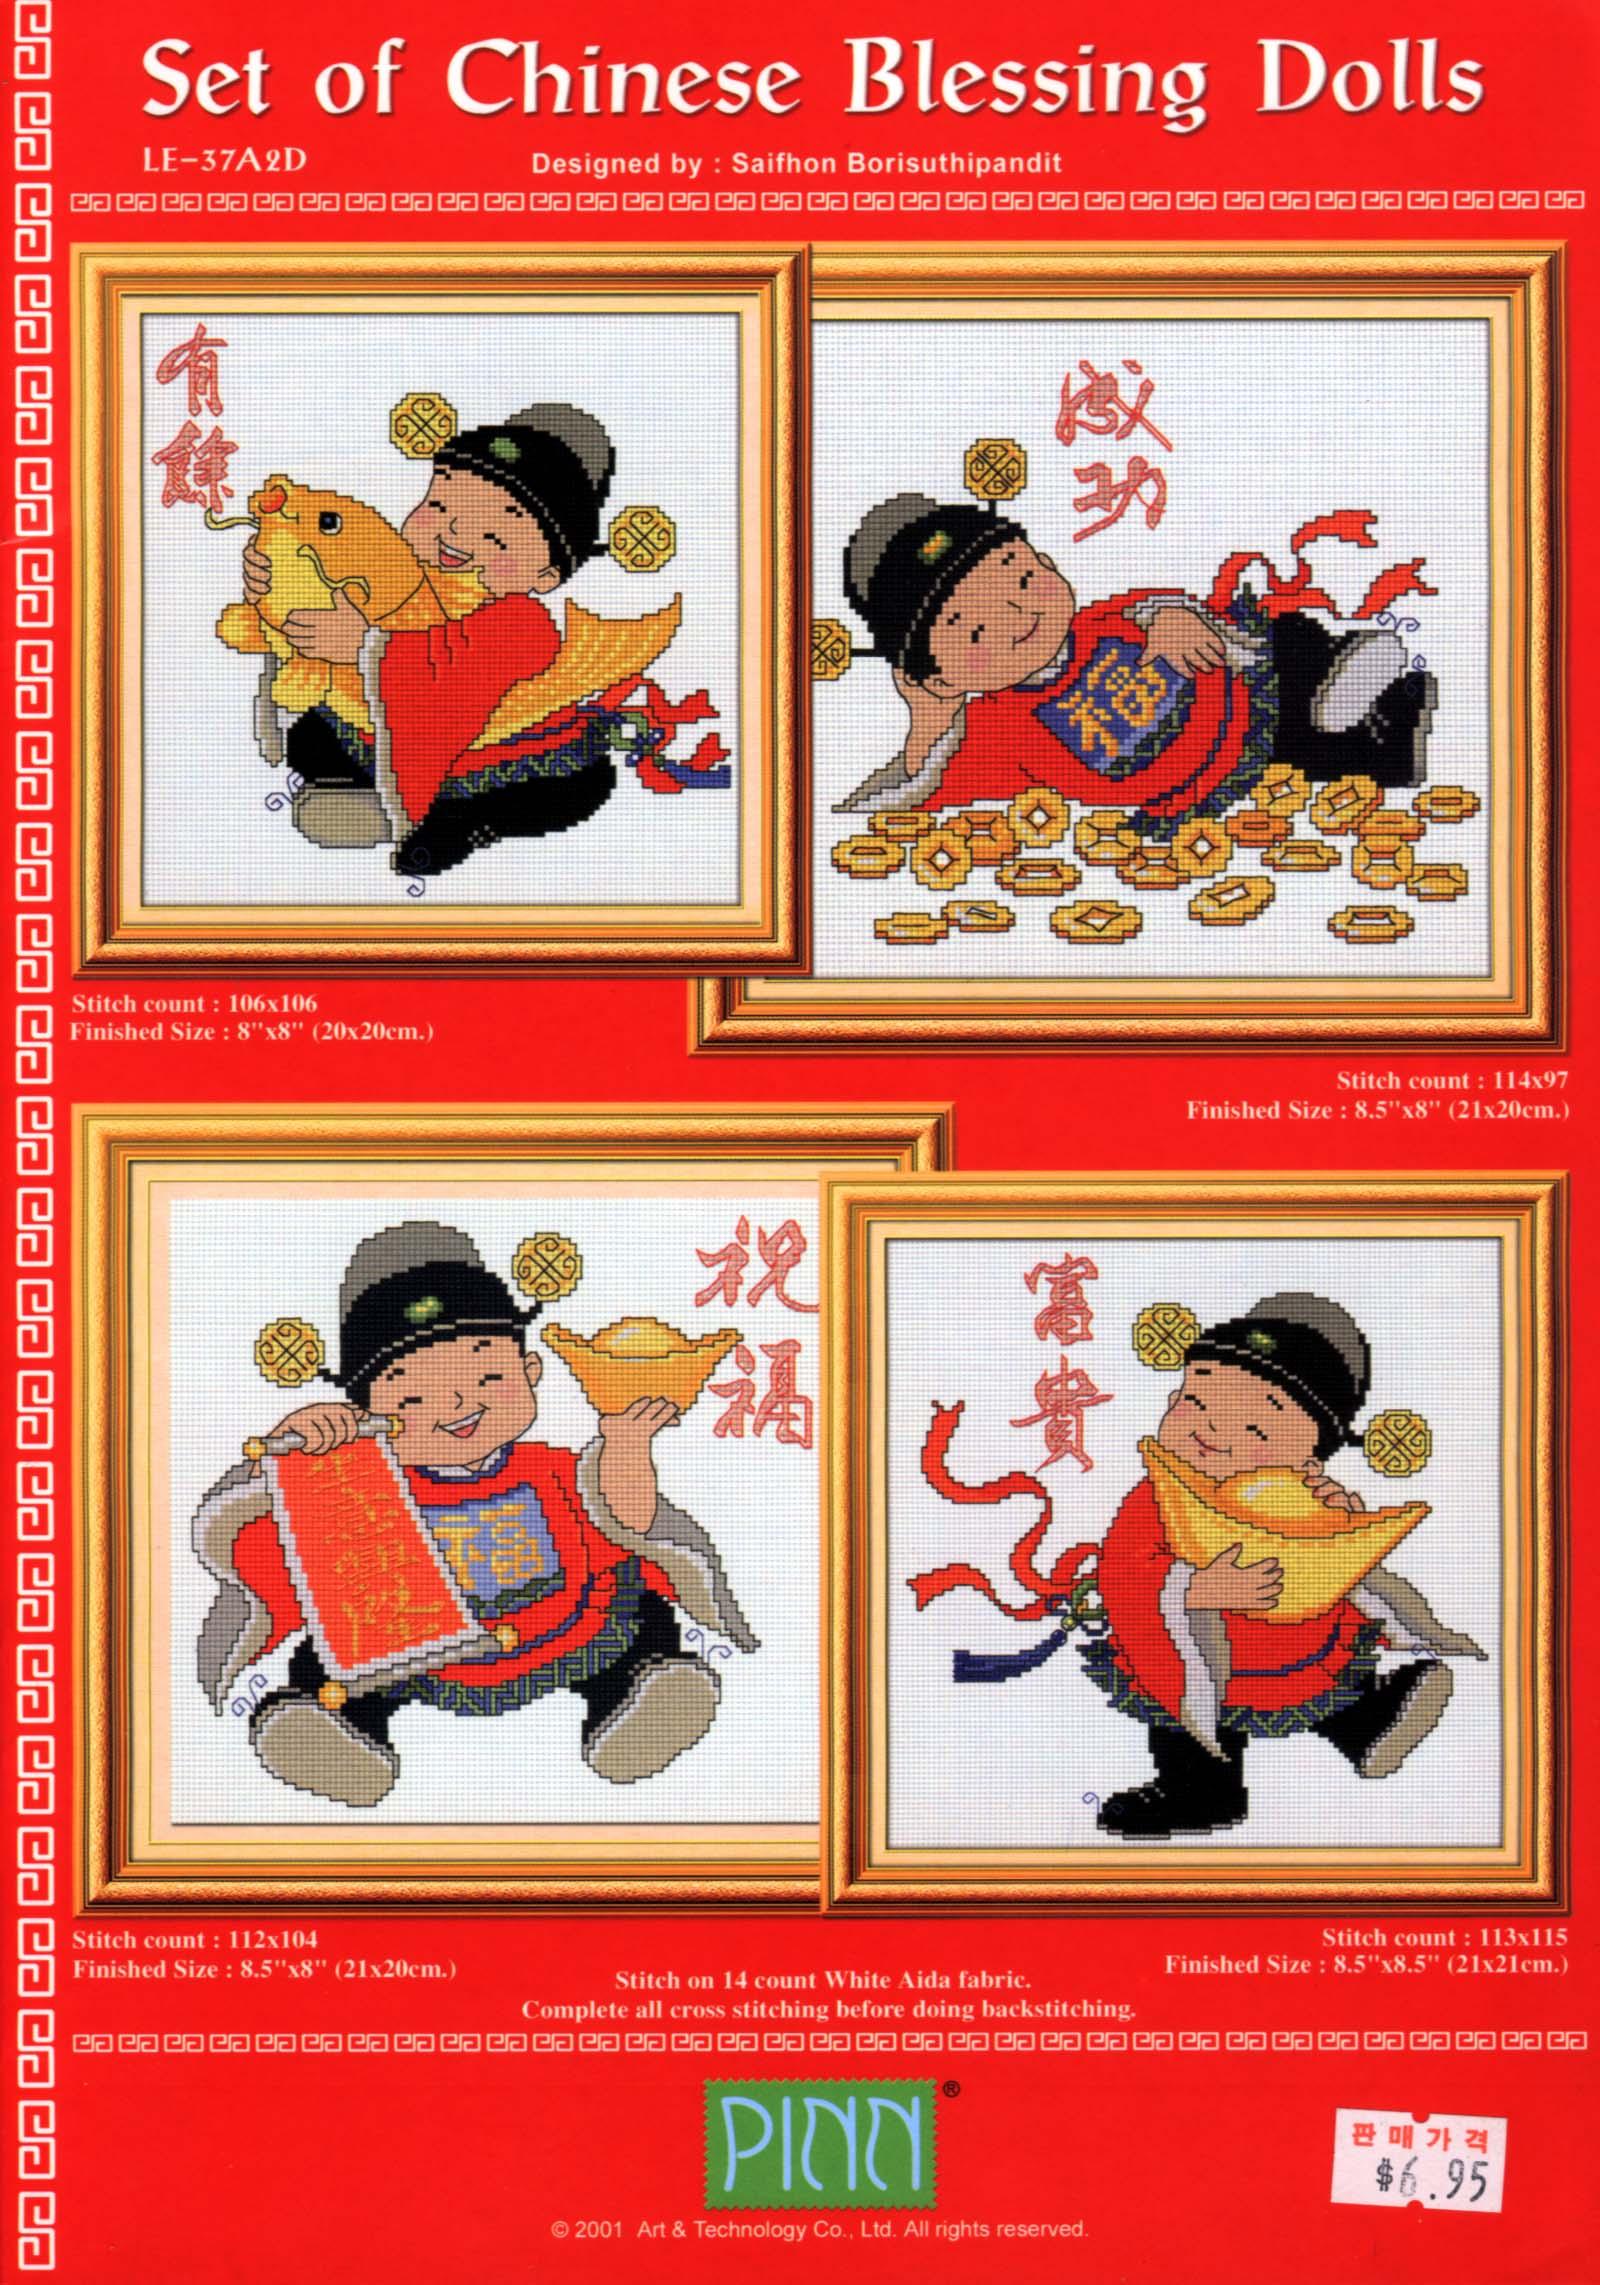 Китайские мальчуганы . Изображения людей